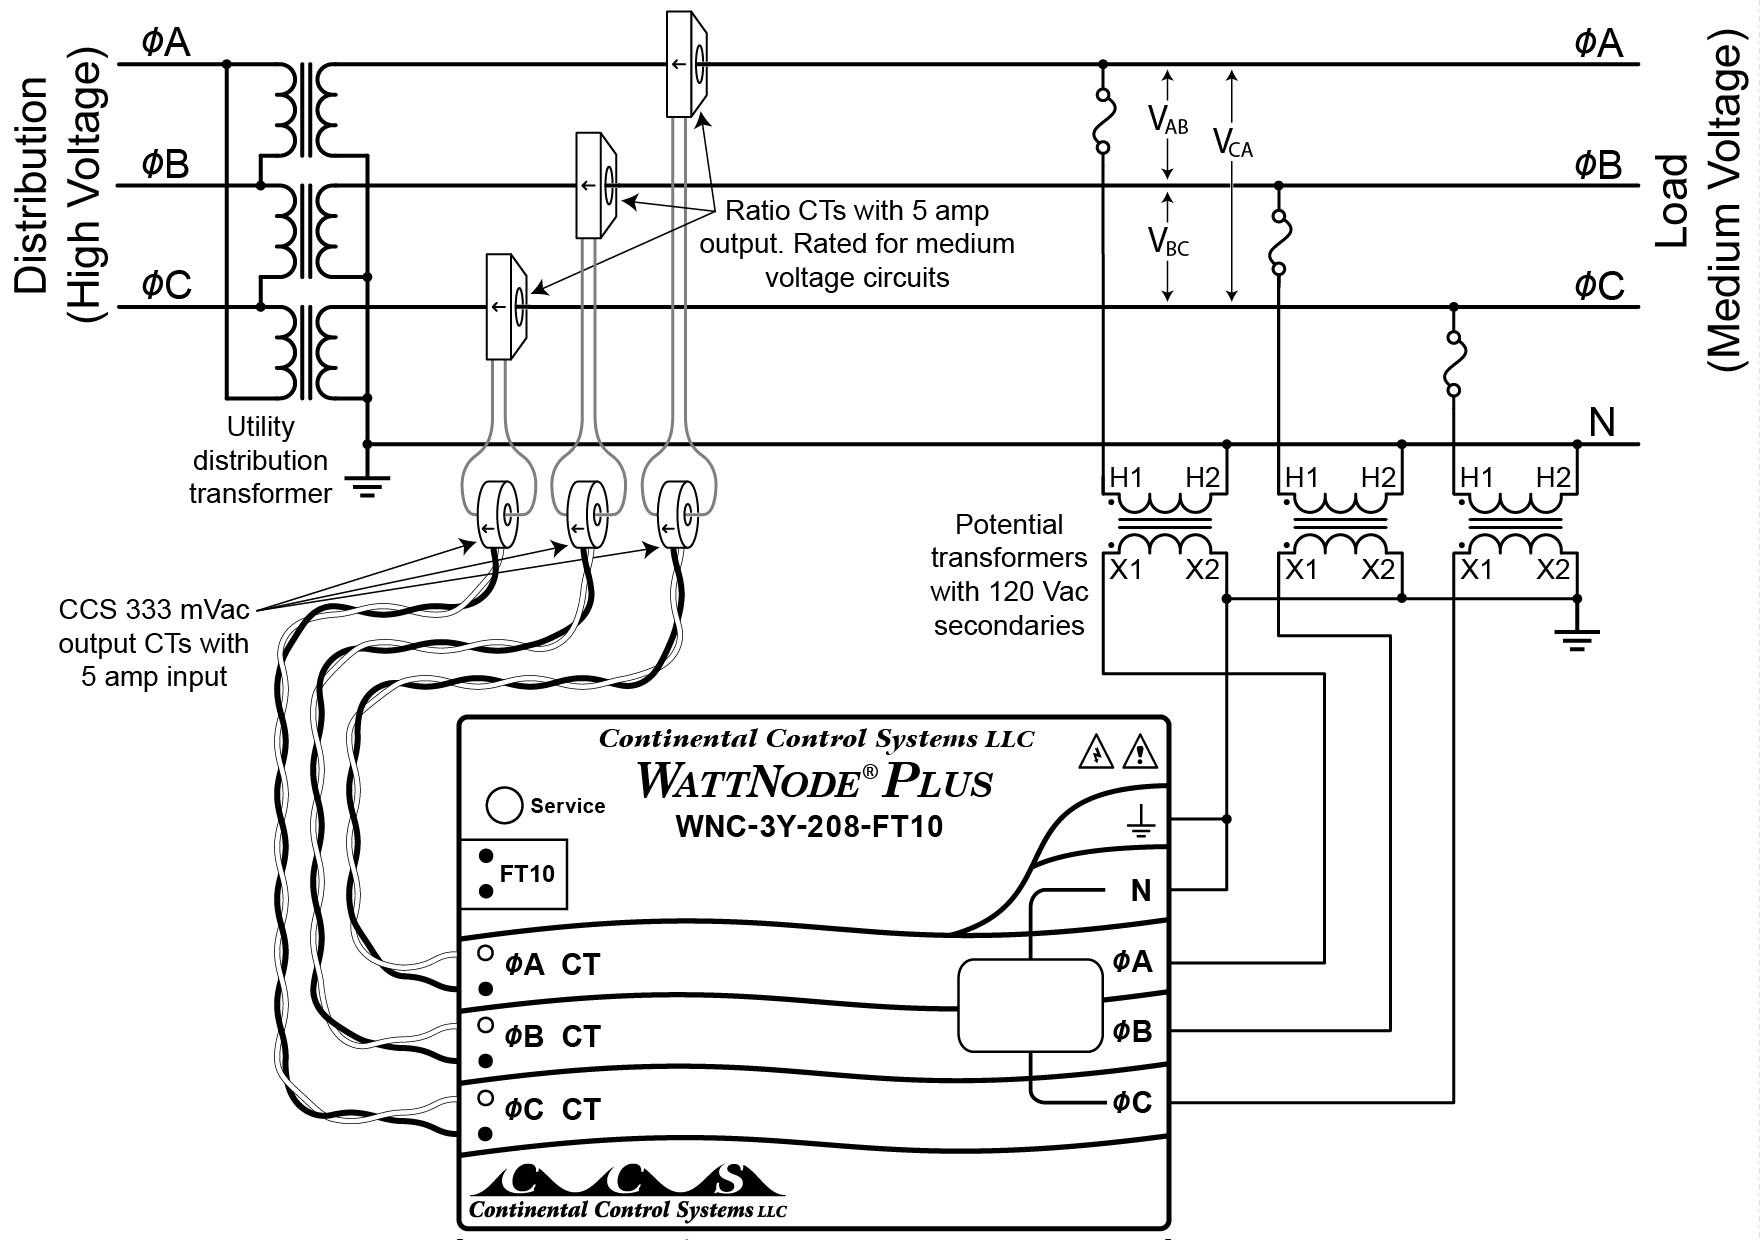 medium voltage ct wiring diagrams